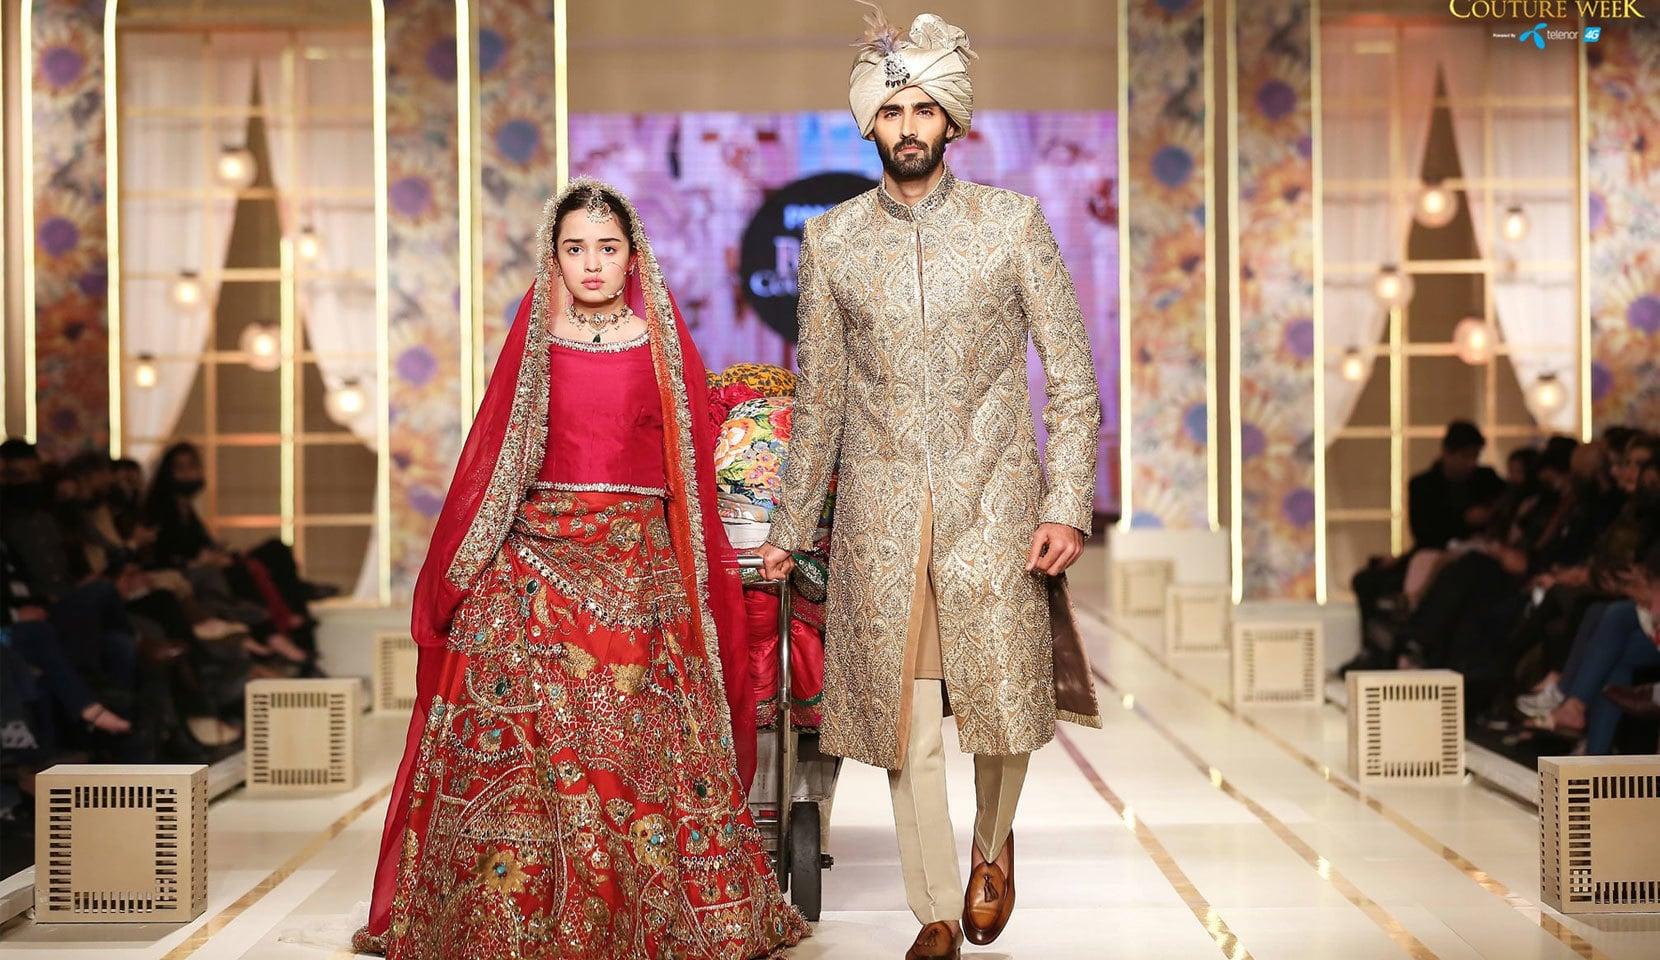 پہلے دن علی ذیشان کی جانب سے عروسی لباس پیش کیے گئے